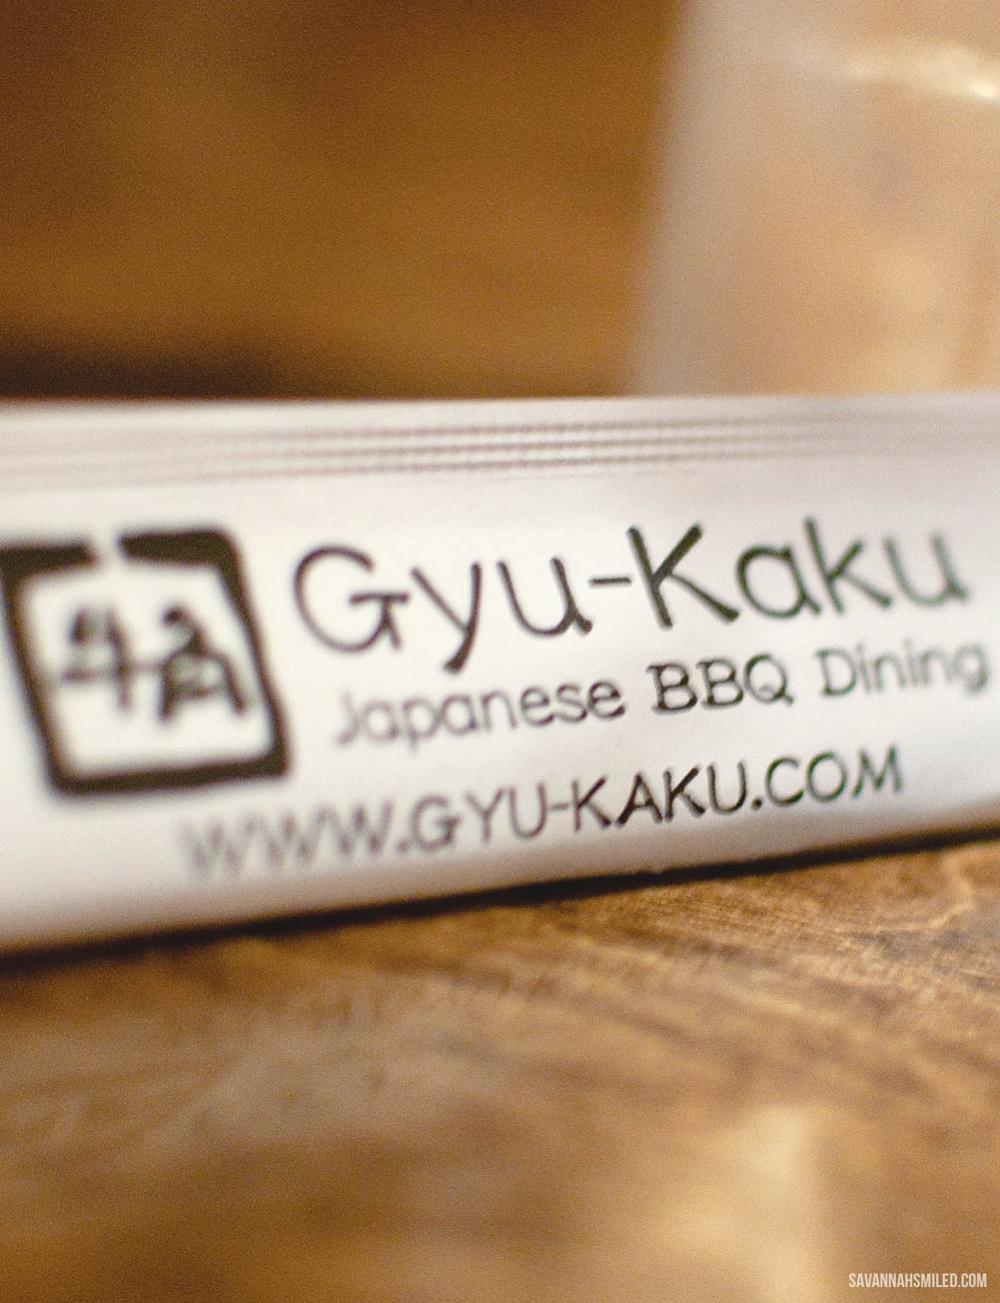 Gyu-Kaku-japanese-bbq-hawaii-3.jpg